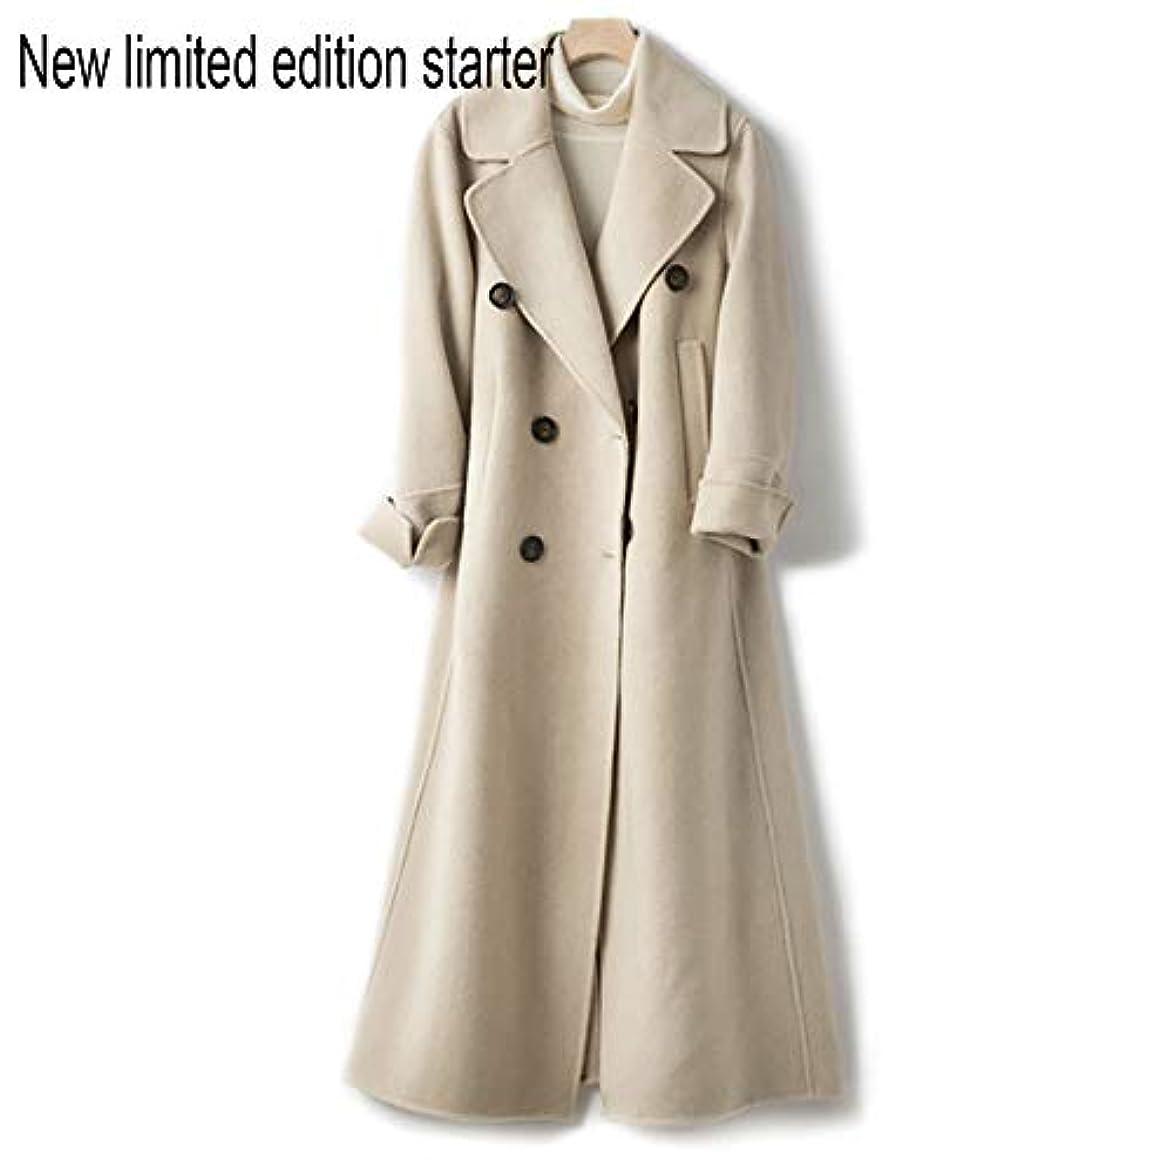 宣伝詐欺踏みつけウールコート、ウエストの両面ウールコートと長い女性服19秋と冬の新しいウールコート女性の長いブレザーコート,C,S